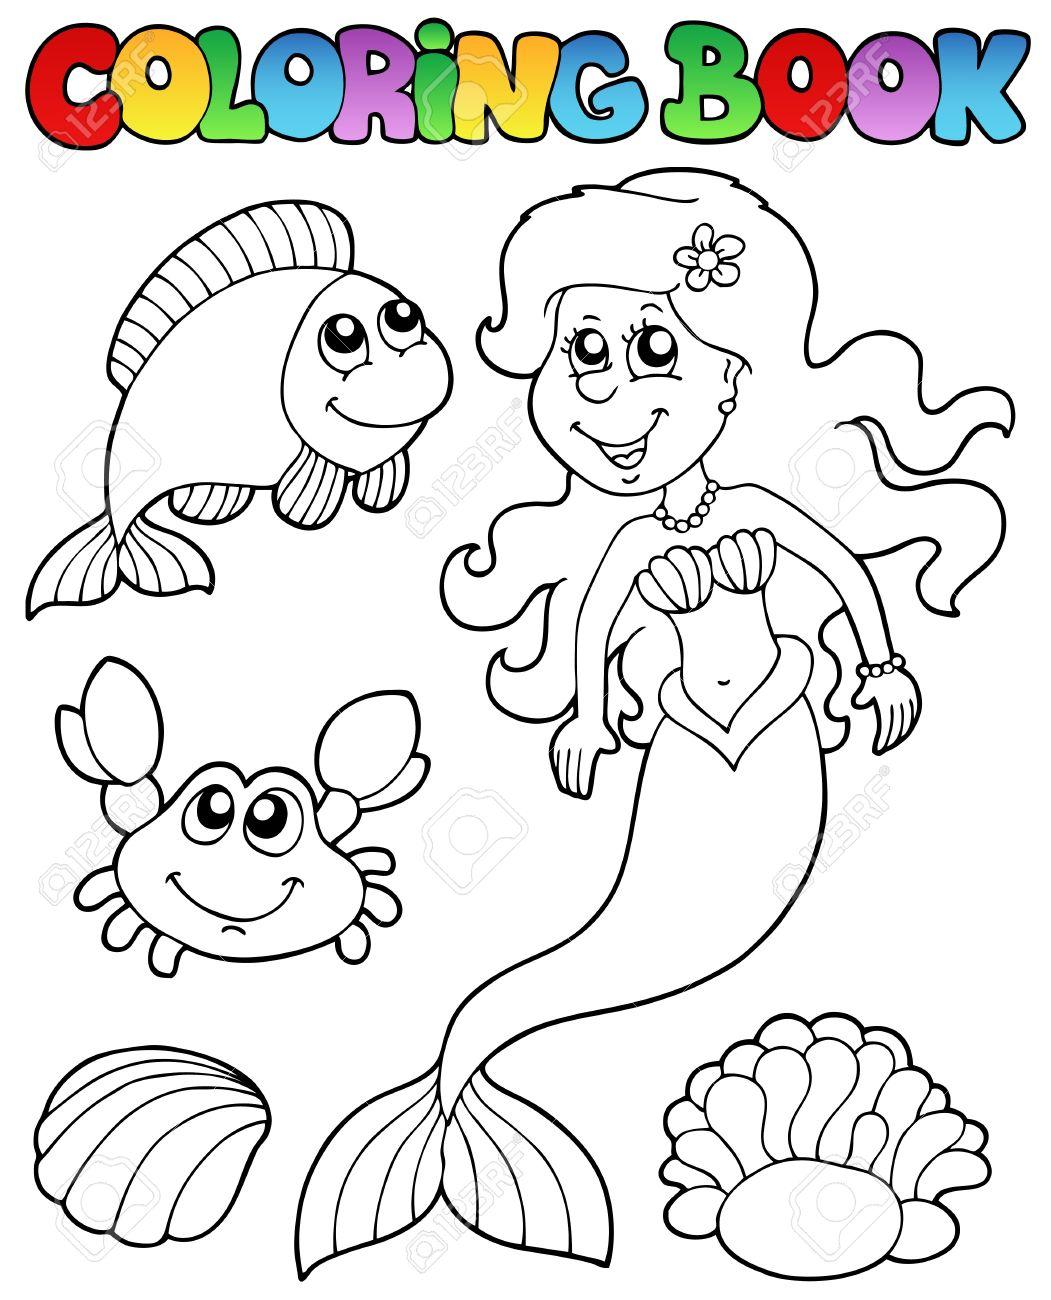 Libro Para Colorear Con Sirena - Ilustración Vectorial ...